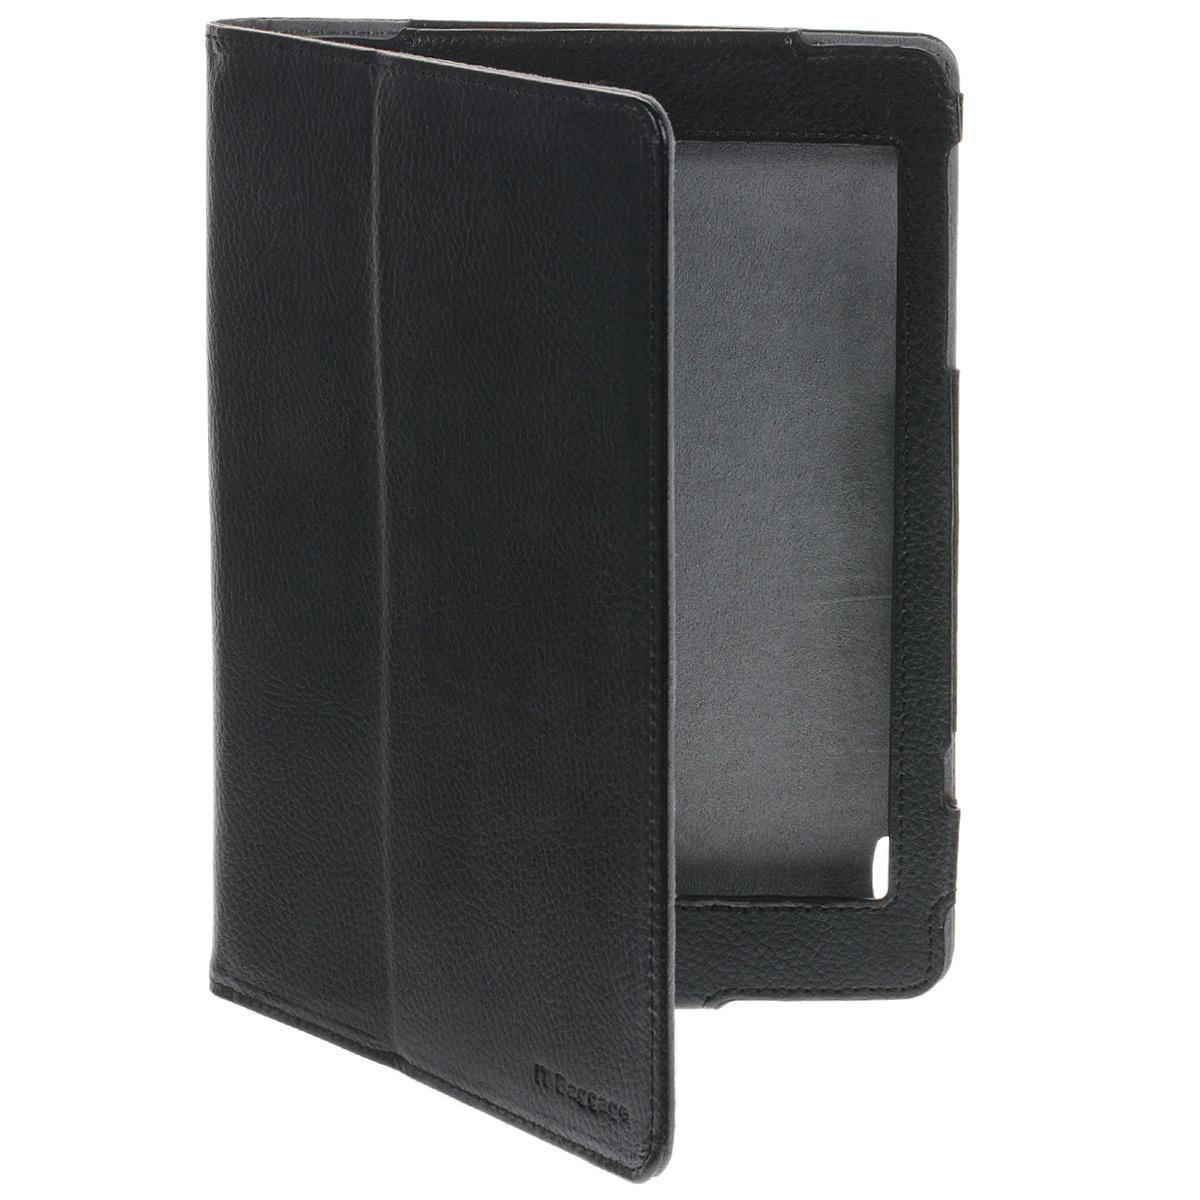 IT Baggage чехол для Acer Iconia Tab A1-810/811, BlackITACA8102-1Чехол IT Baggage для Acer Iconia Tab A1-810/811 - это стильный и лаконичный аксессуар, позволяющий сохранить планшет в идеальном состоянии. Надежно удерживая технику, обложка защищает корпус и дисплей от появления царапин, налипания пыли. Также чехол IT Baggage для Acer Iconia Tab A1-810/811 можно использовать как подставку для чтения или просмотра фильмов. Имеет свободный доступ ко всем разъемам устройства.